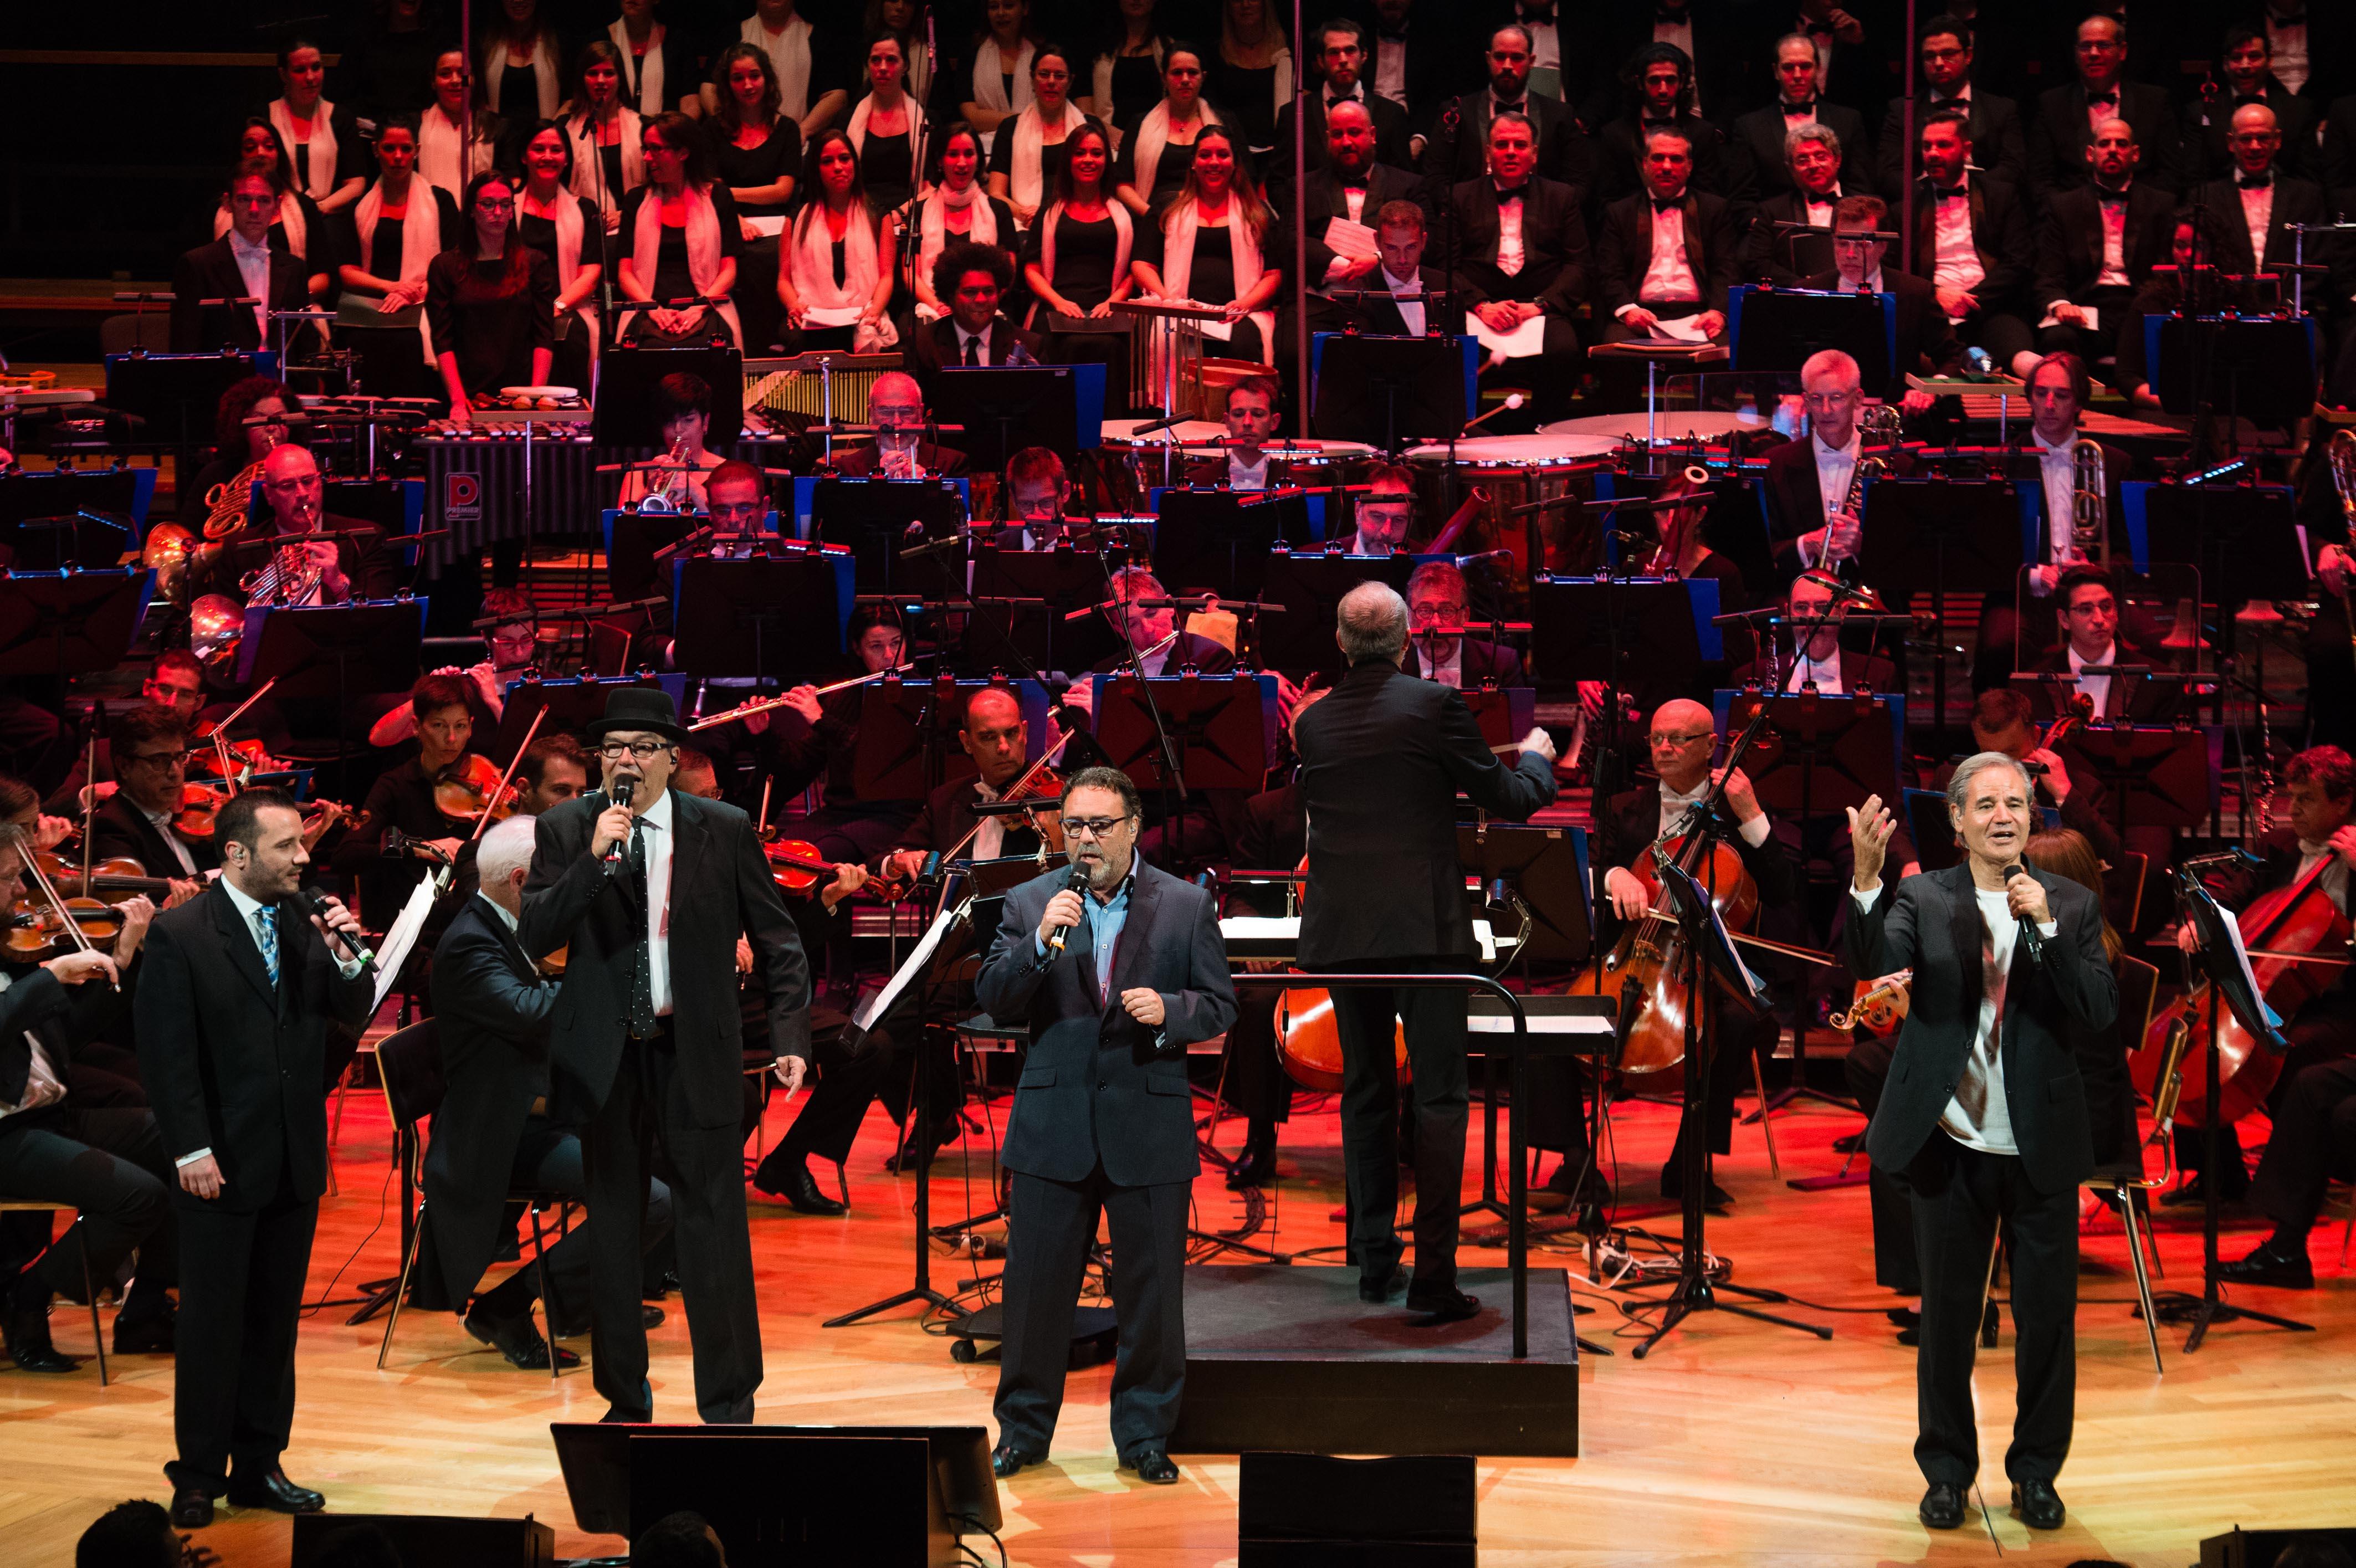 El concierto 'Morera Sinfónico' se celebrará en El Paso el próximo 4 de agosto